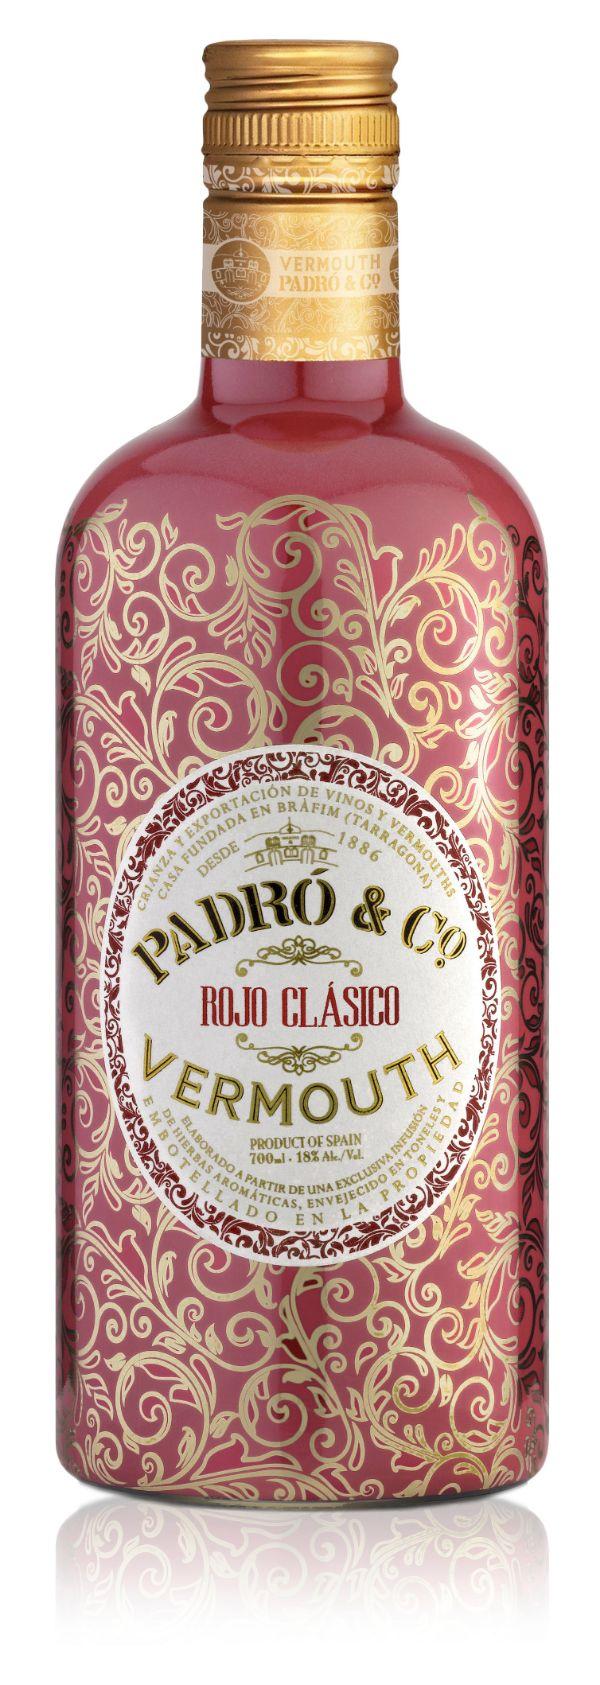 Padro & Co. Rojo Clasico Vermouth